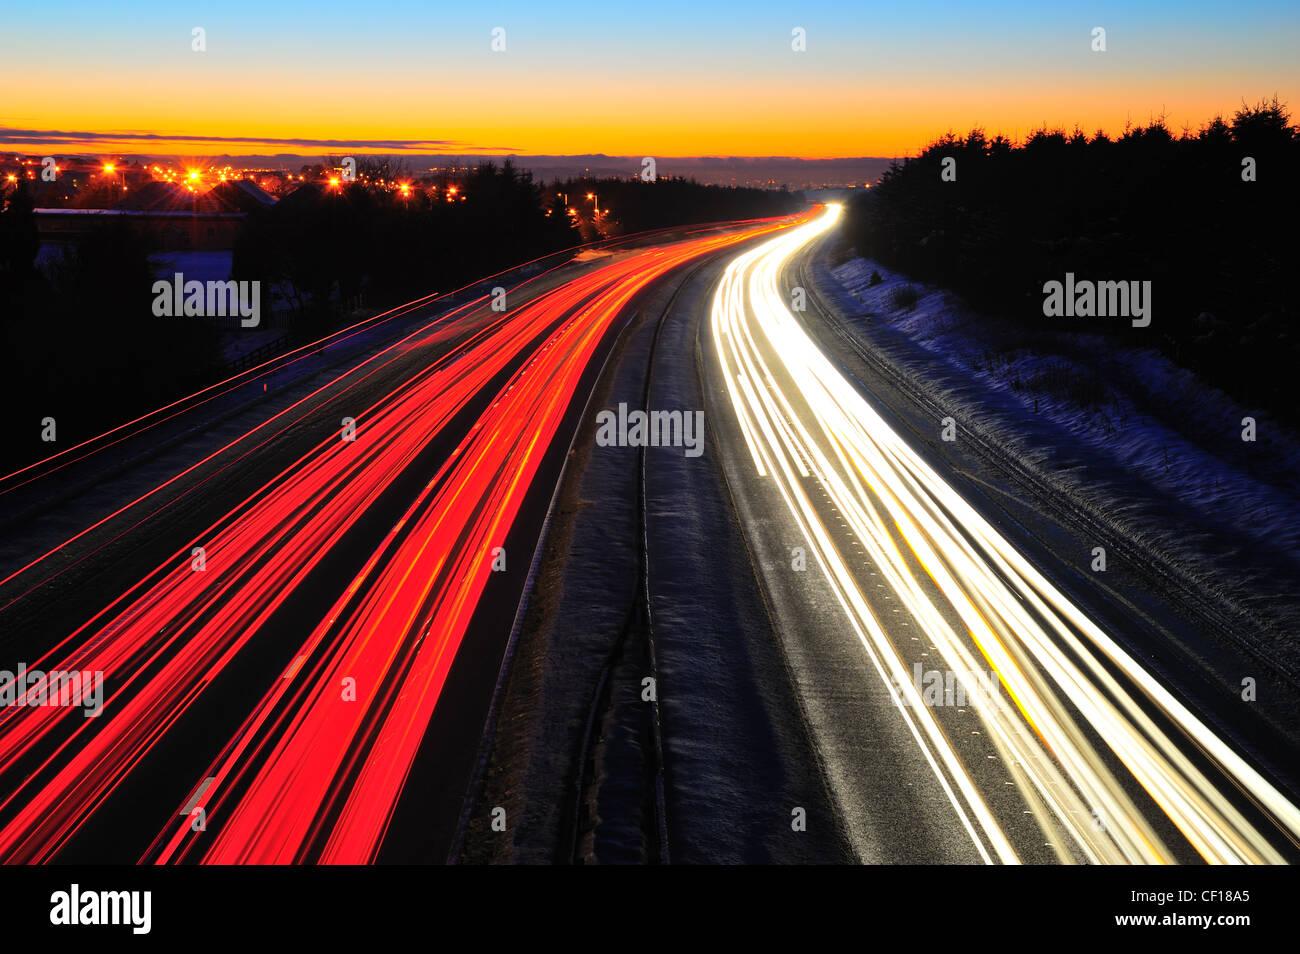 Ampel Wanderwege auf der Autobahn M8 in Schottland zwischen Glasgow und Edinburgh. In der Nacht im Winter mit Schnee Stockbild